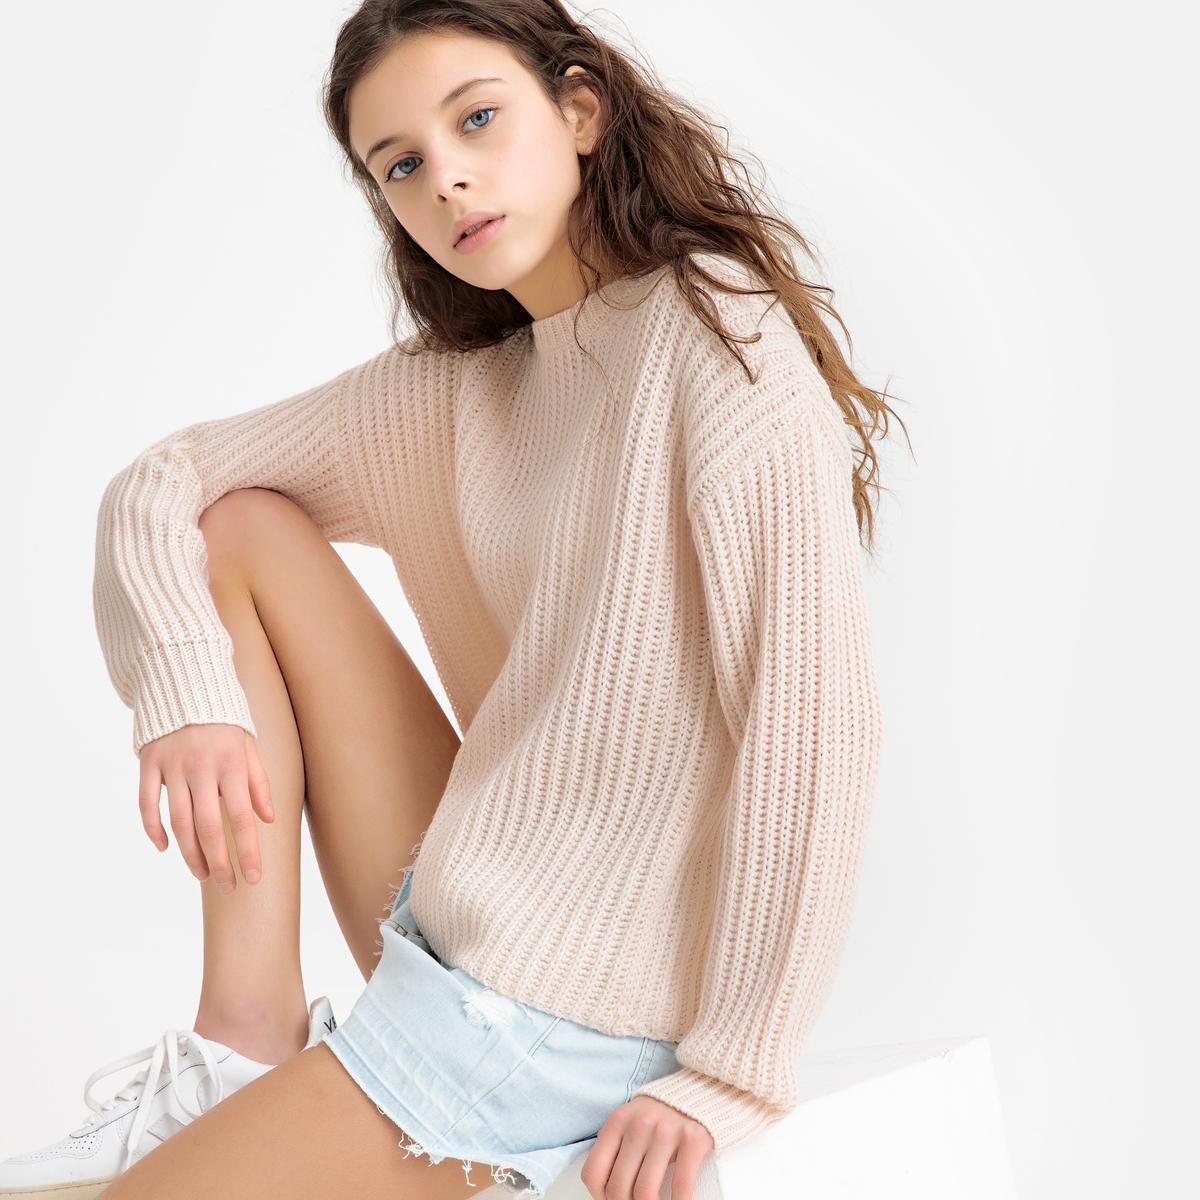 Пуловер La Redoute С круглым вырезом из плотного трикотажа 10 лет - 138 см розовый пуловер la redoute с круглым вырезом и надписью из пайеток 12 лет 150 см розовый